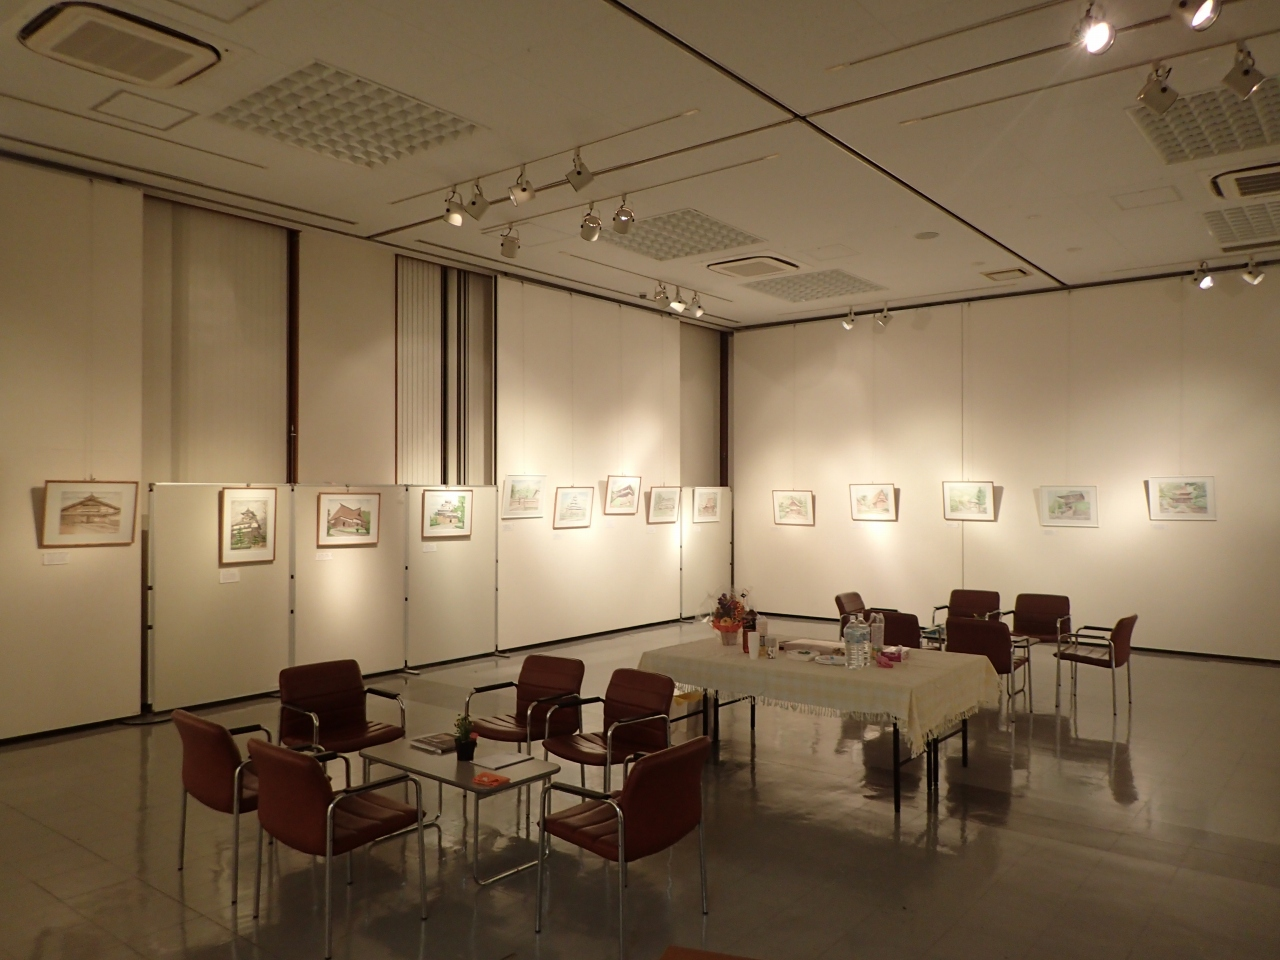 第9回 水彩スケッチ展 日本の古建築と北イタリアの旅